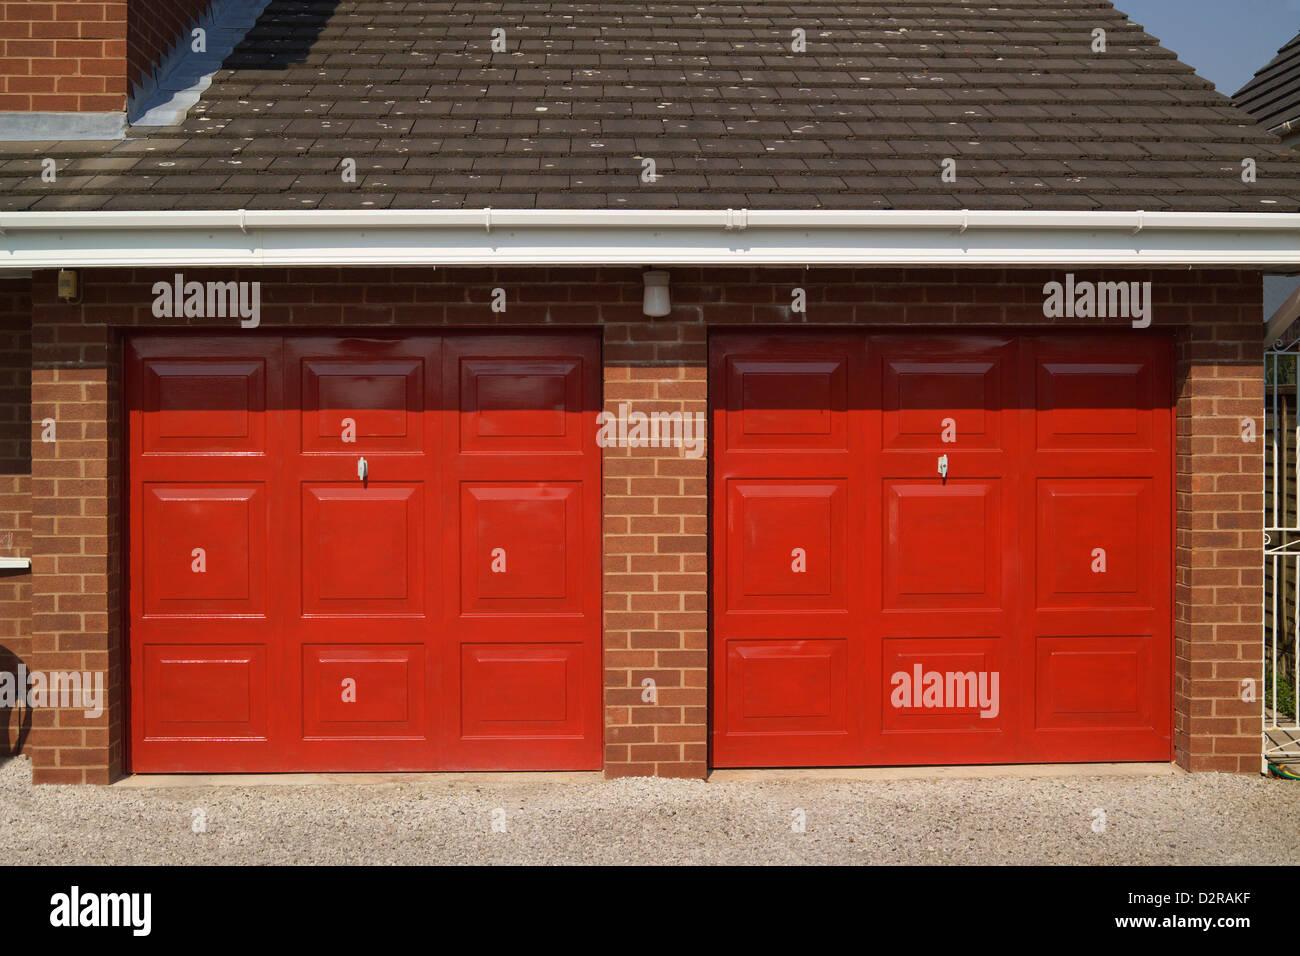 Blickfang Garage Bilder Foto Von Doppelgarage Eines Es Wirral Merseyside England Stockbild